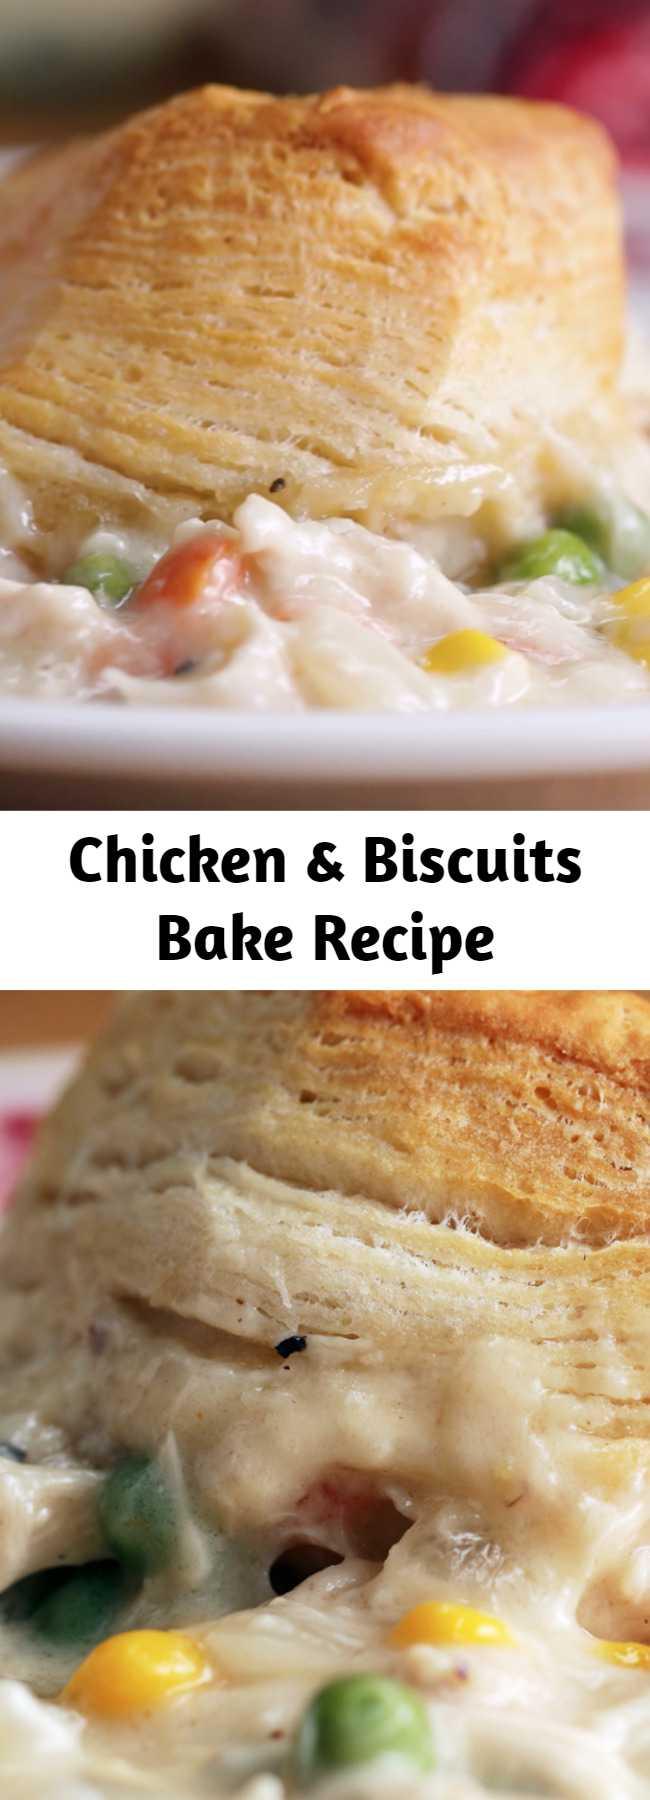 Chicken & Biscuits Bake Recipe